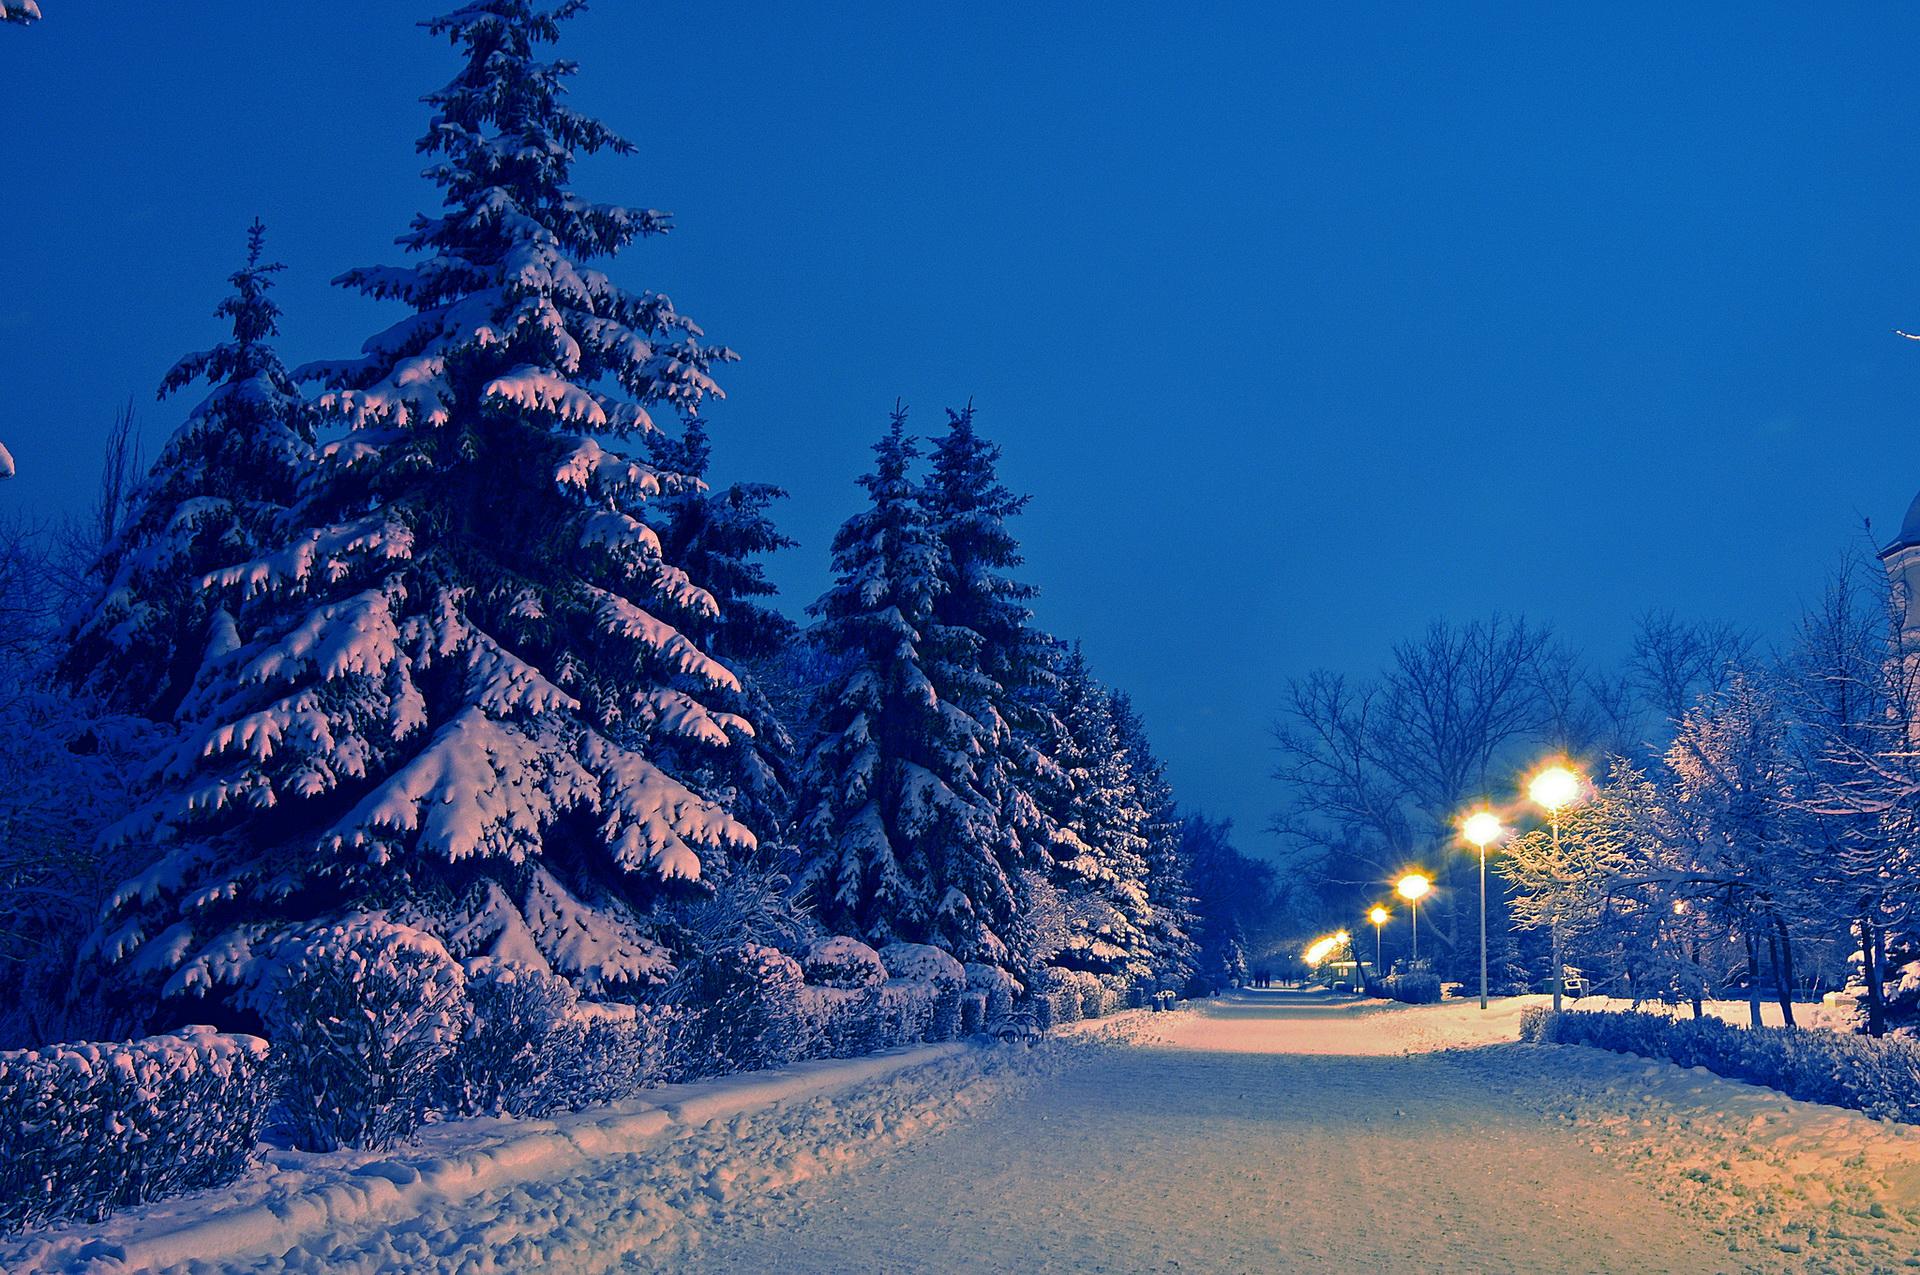 Дорога зимой снег ели небо загрузить